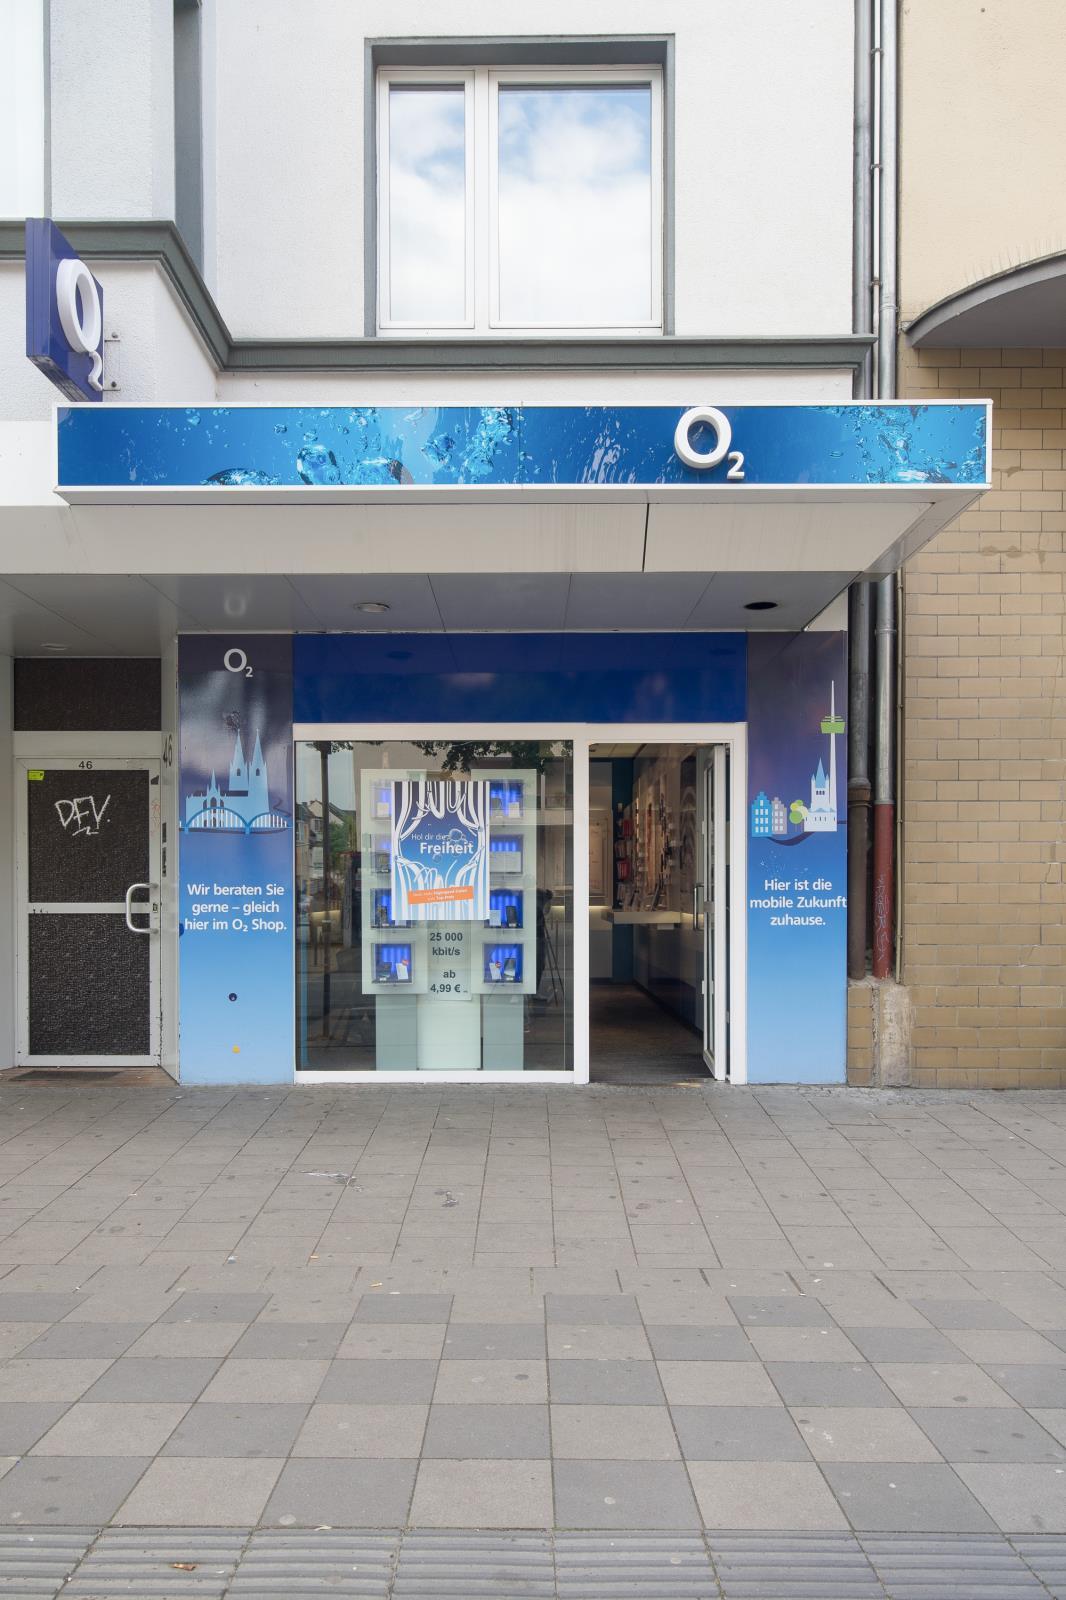 o2 Shop, Frankfurter Str. 46 in Köln